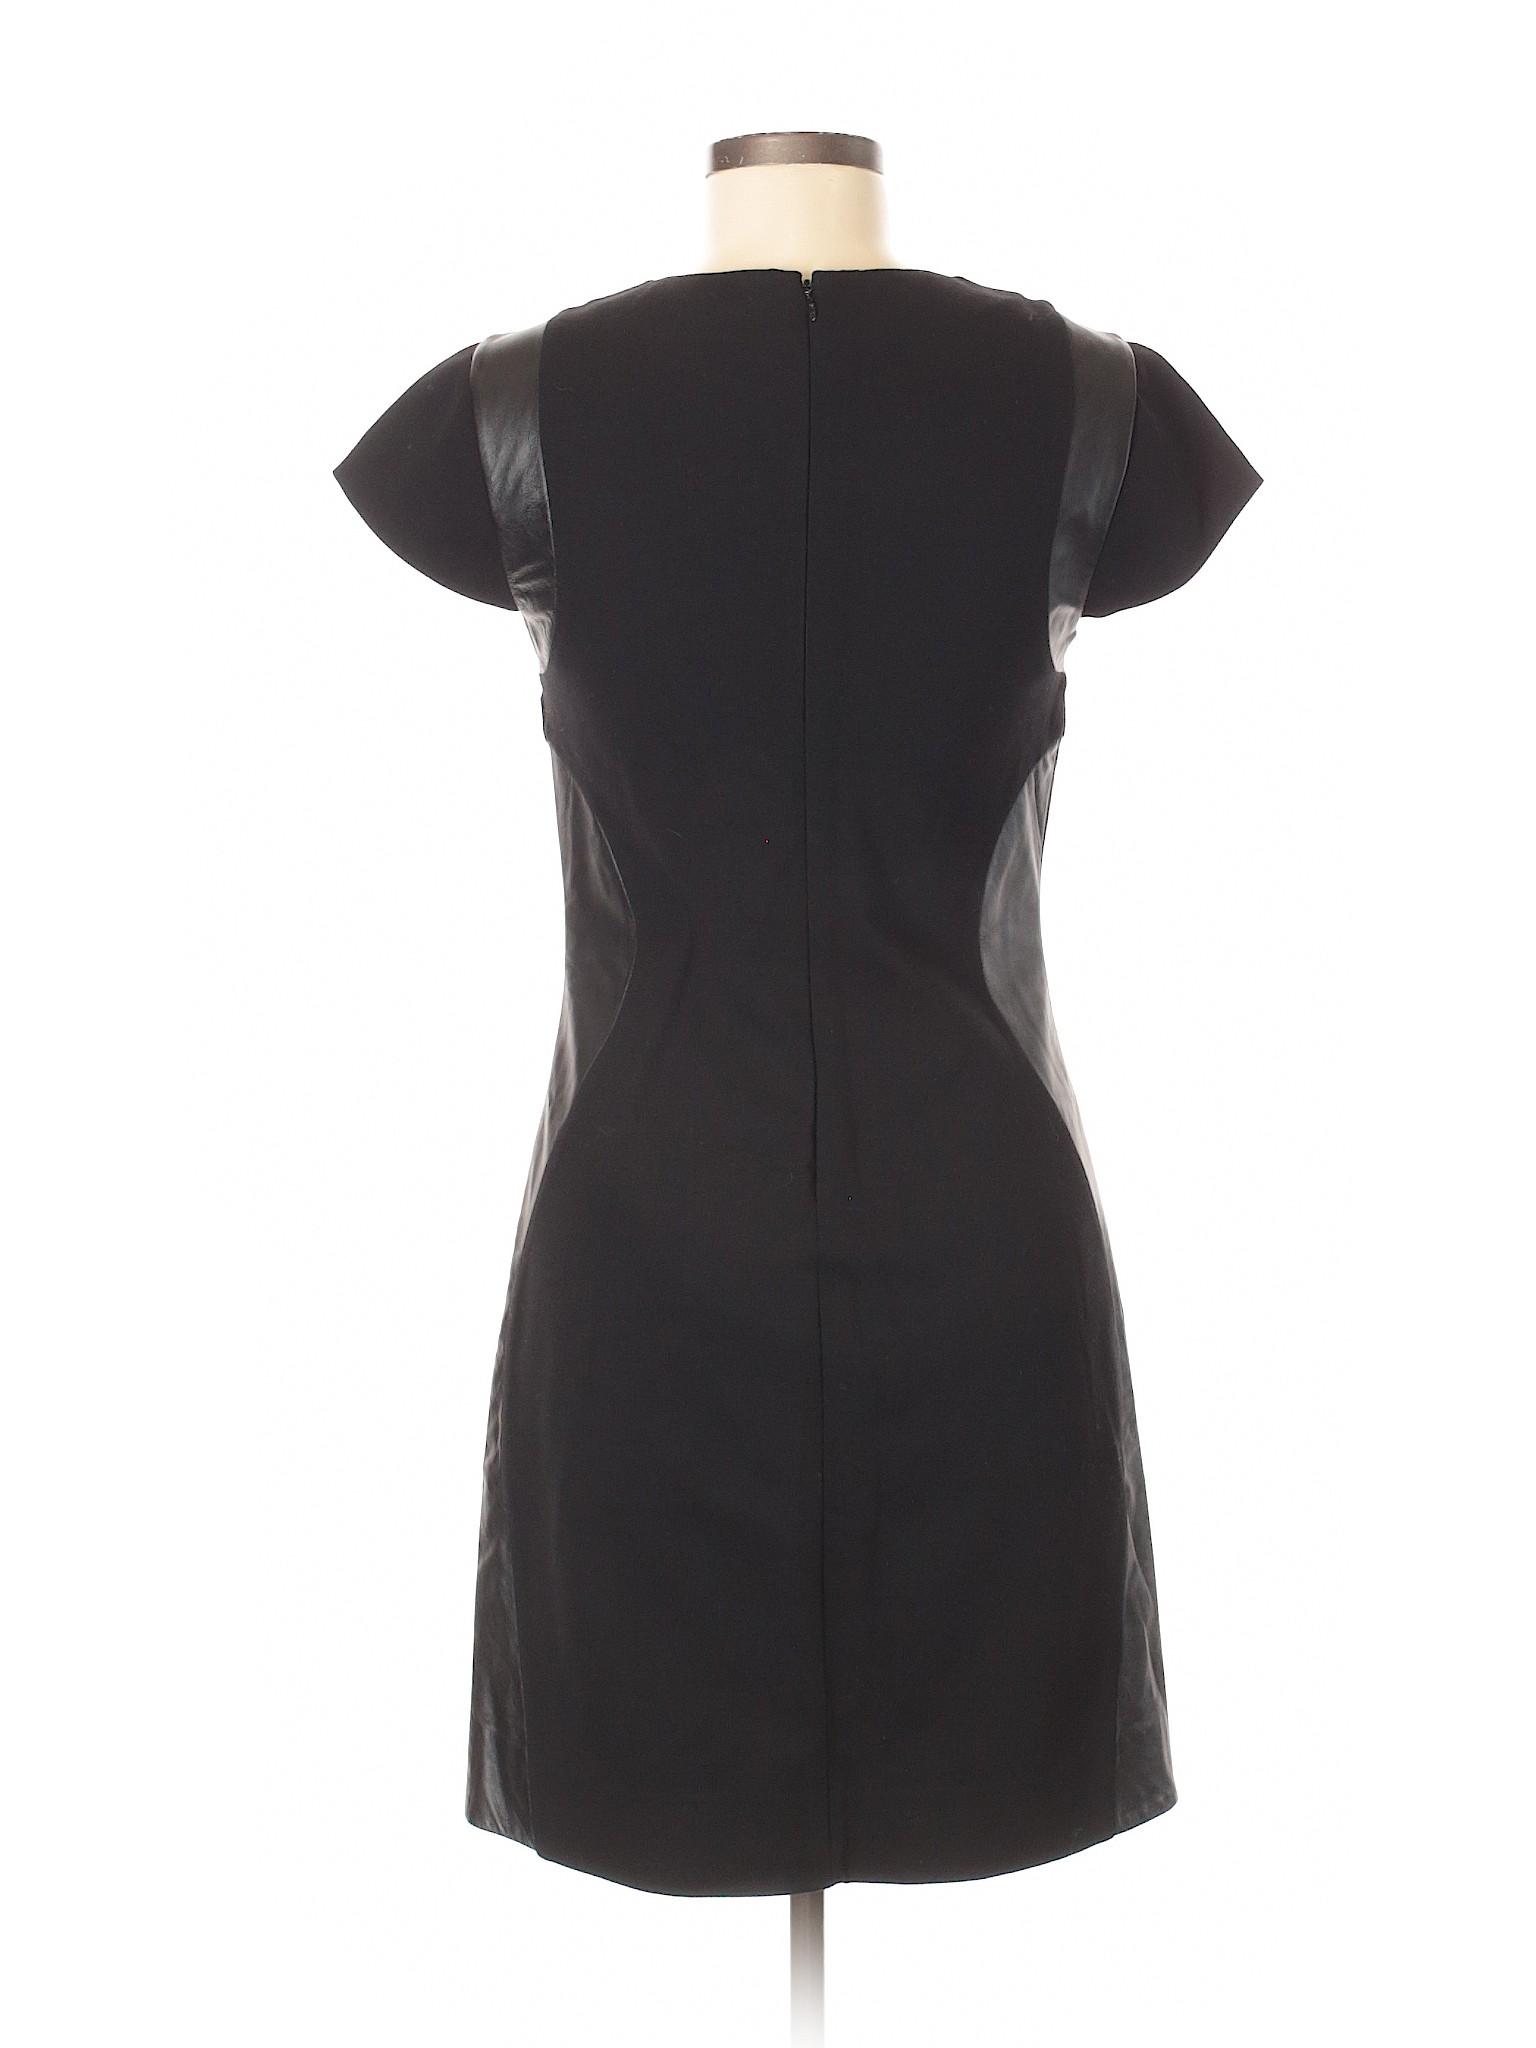 Diane von Casual winter Dress Furstenberg Boutique 5q1PgwxW